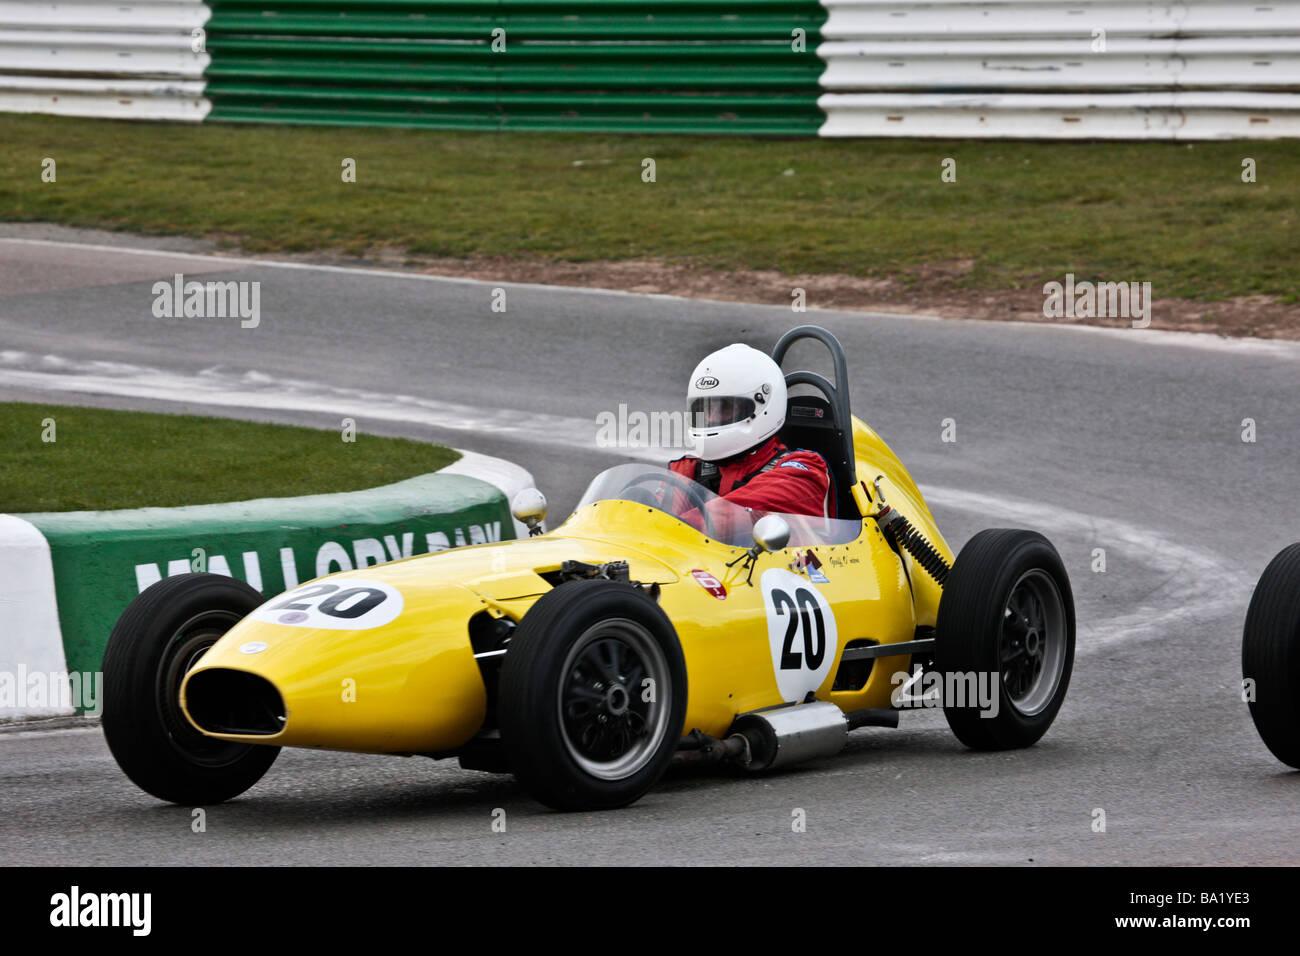 Motor race racing stock photos motor race racing stock for National motor club compensation plan